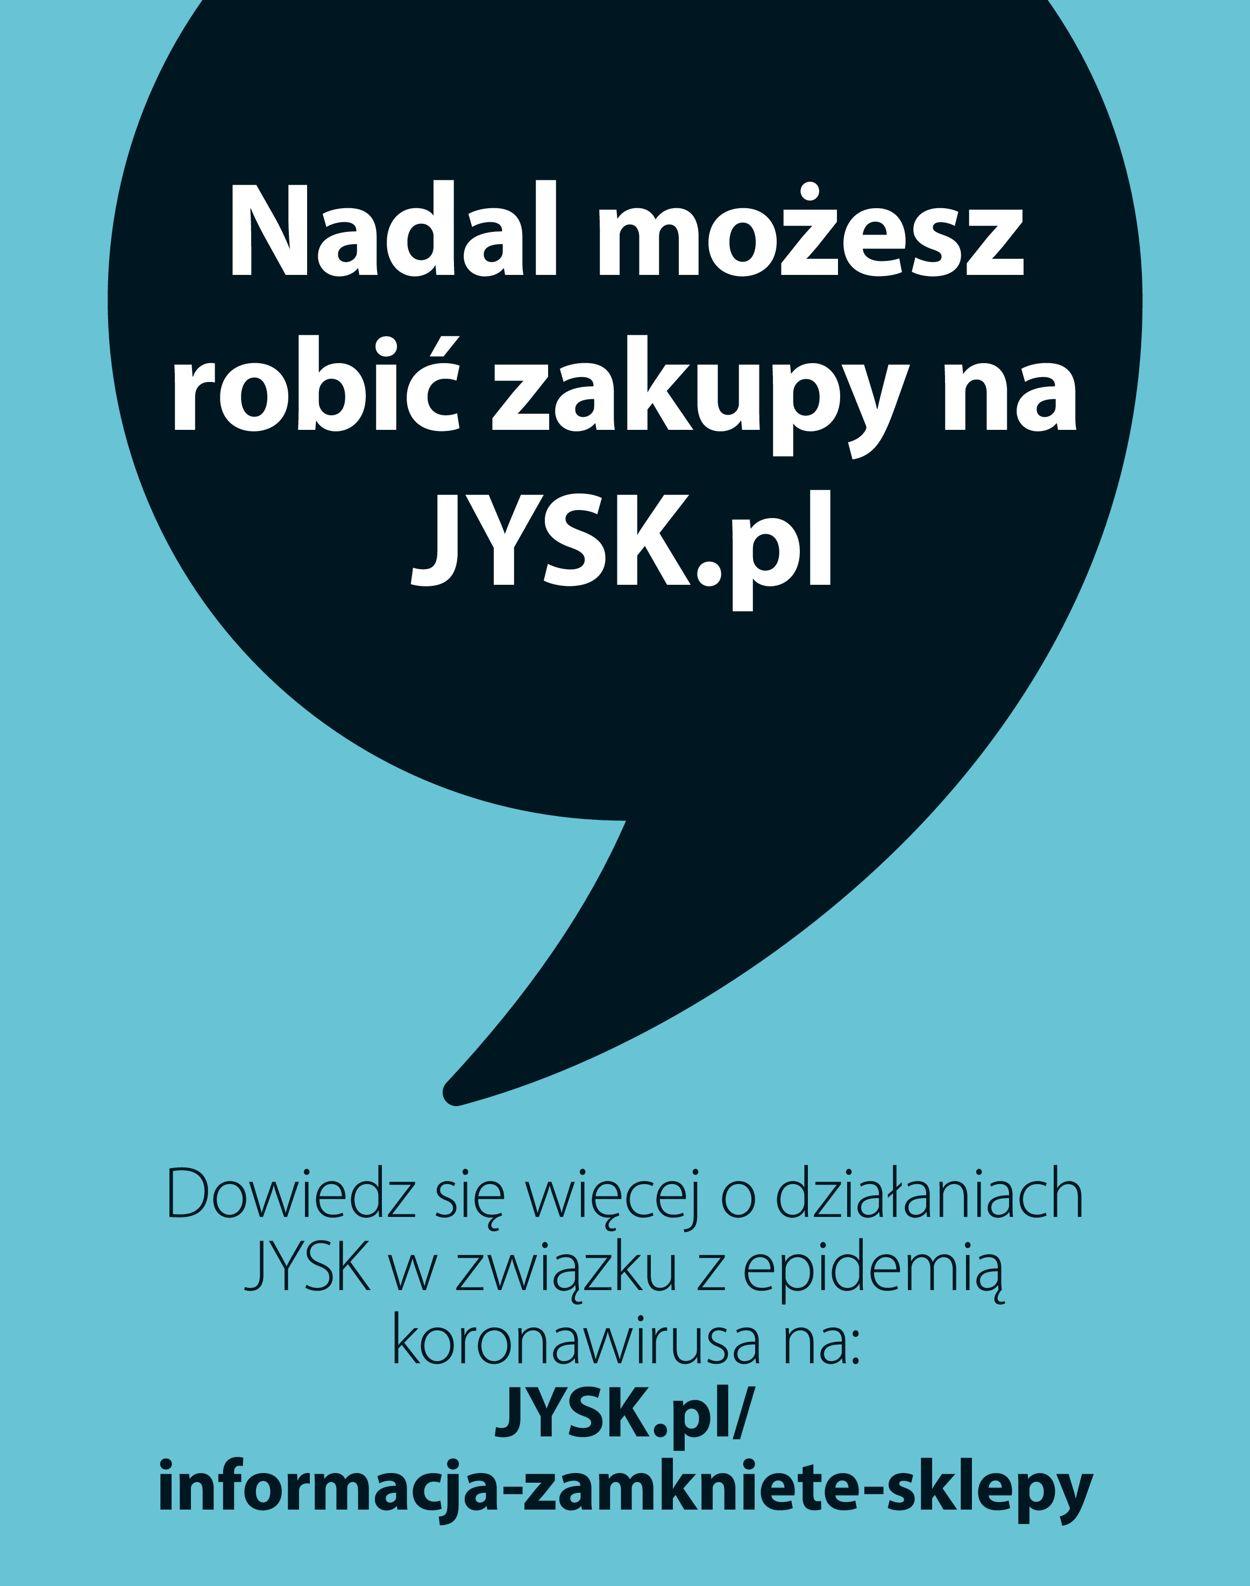 Gazetka promocyjna JYSK - 16.04-29.04.2020